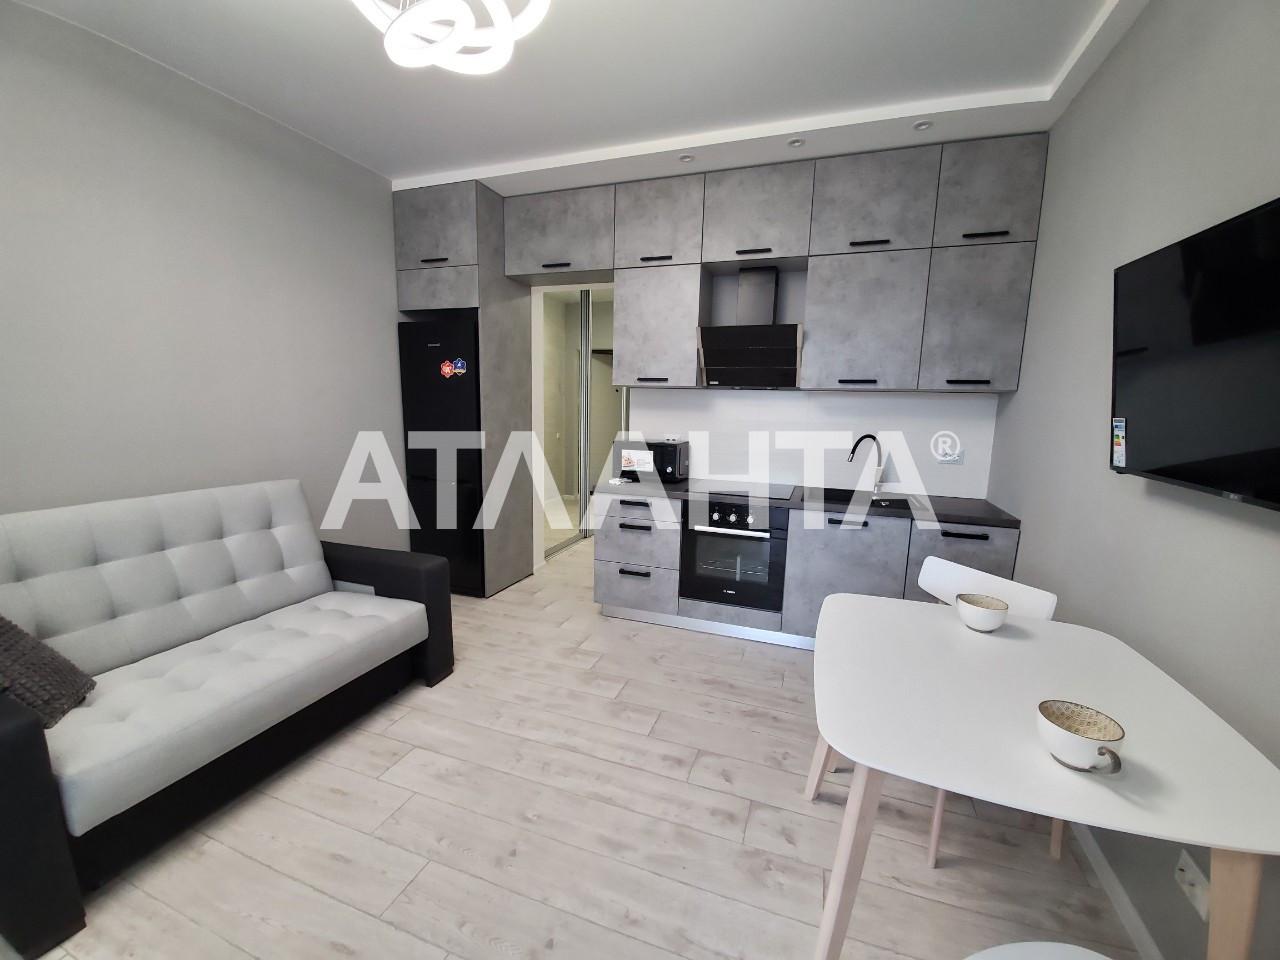 Продается 1-комнатная Квартира на ул. Ул. Максимовича — 61 000 у.е. (фото №2)